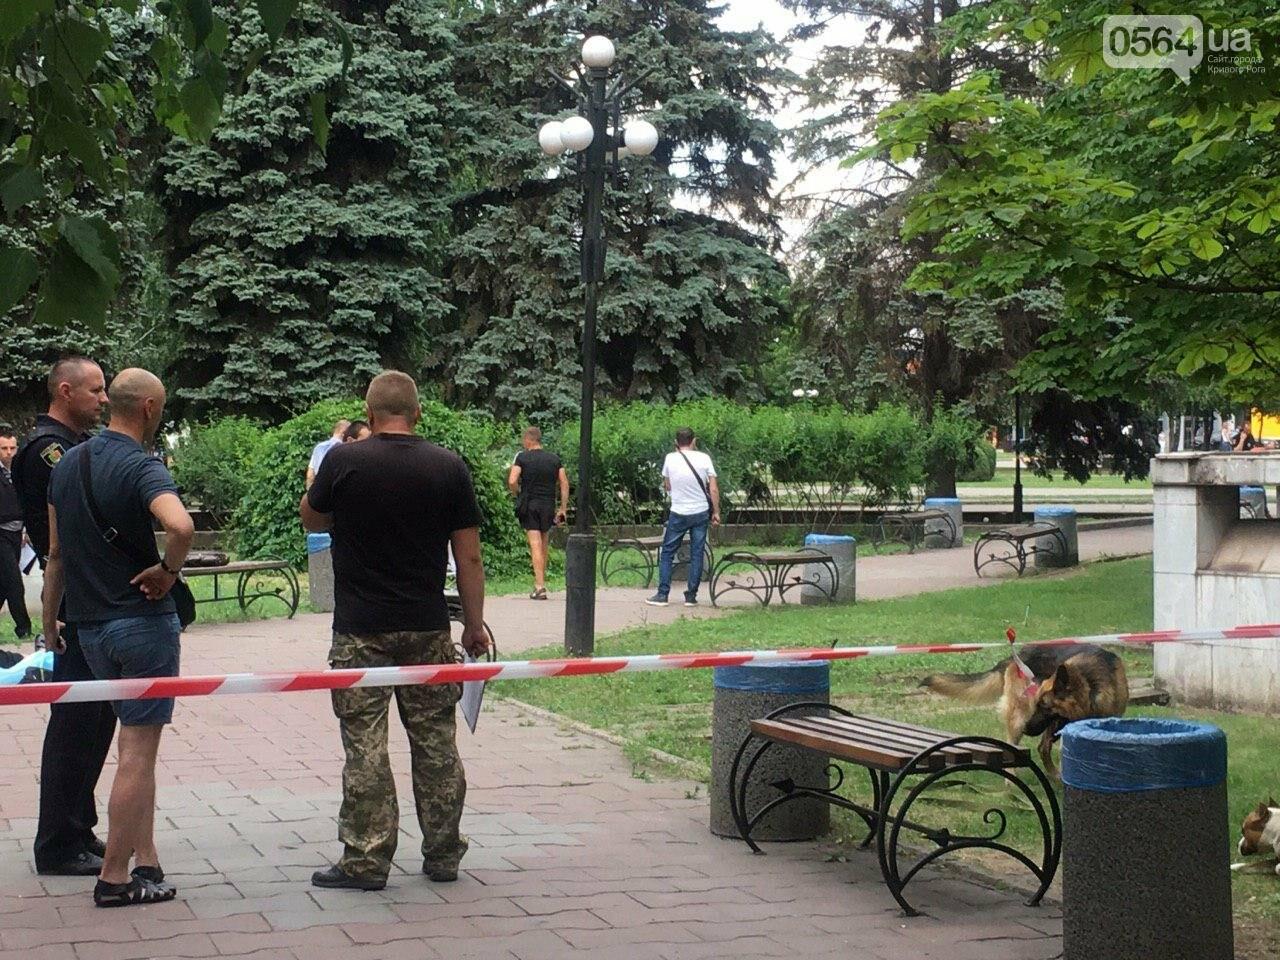 Возле мэрии Кривого Рога найдено тело мужчины с ножевыми ранениями. Рядом с убитым находится его собака, - ФОТО, ВИДЕО 18+, фото-3